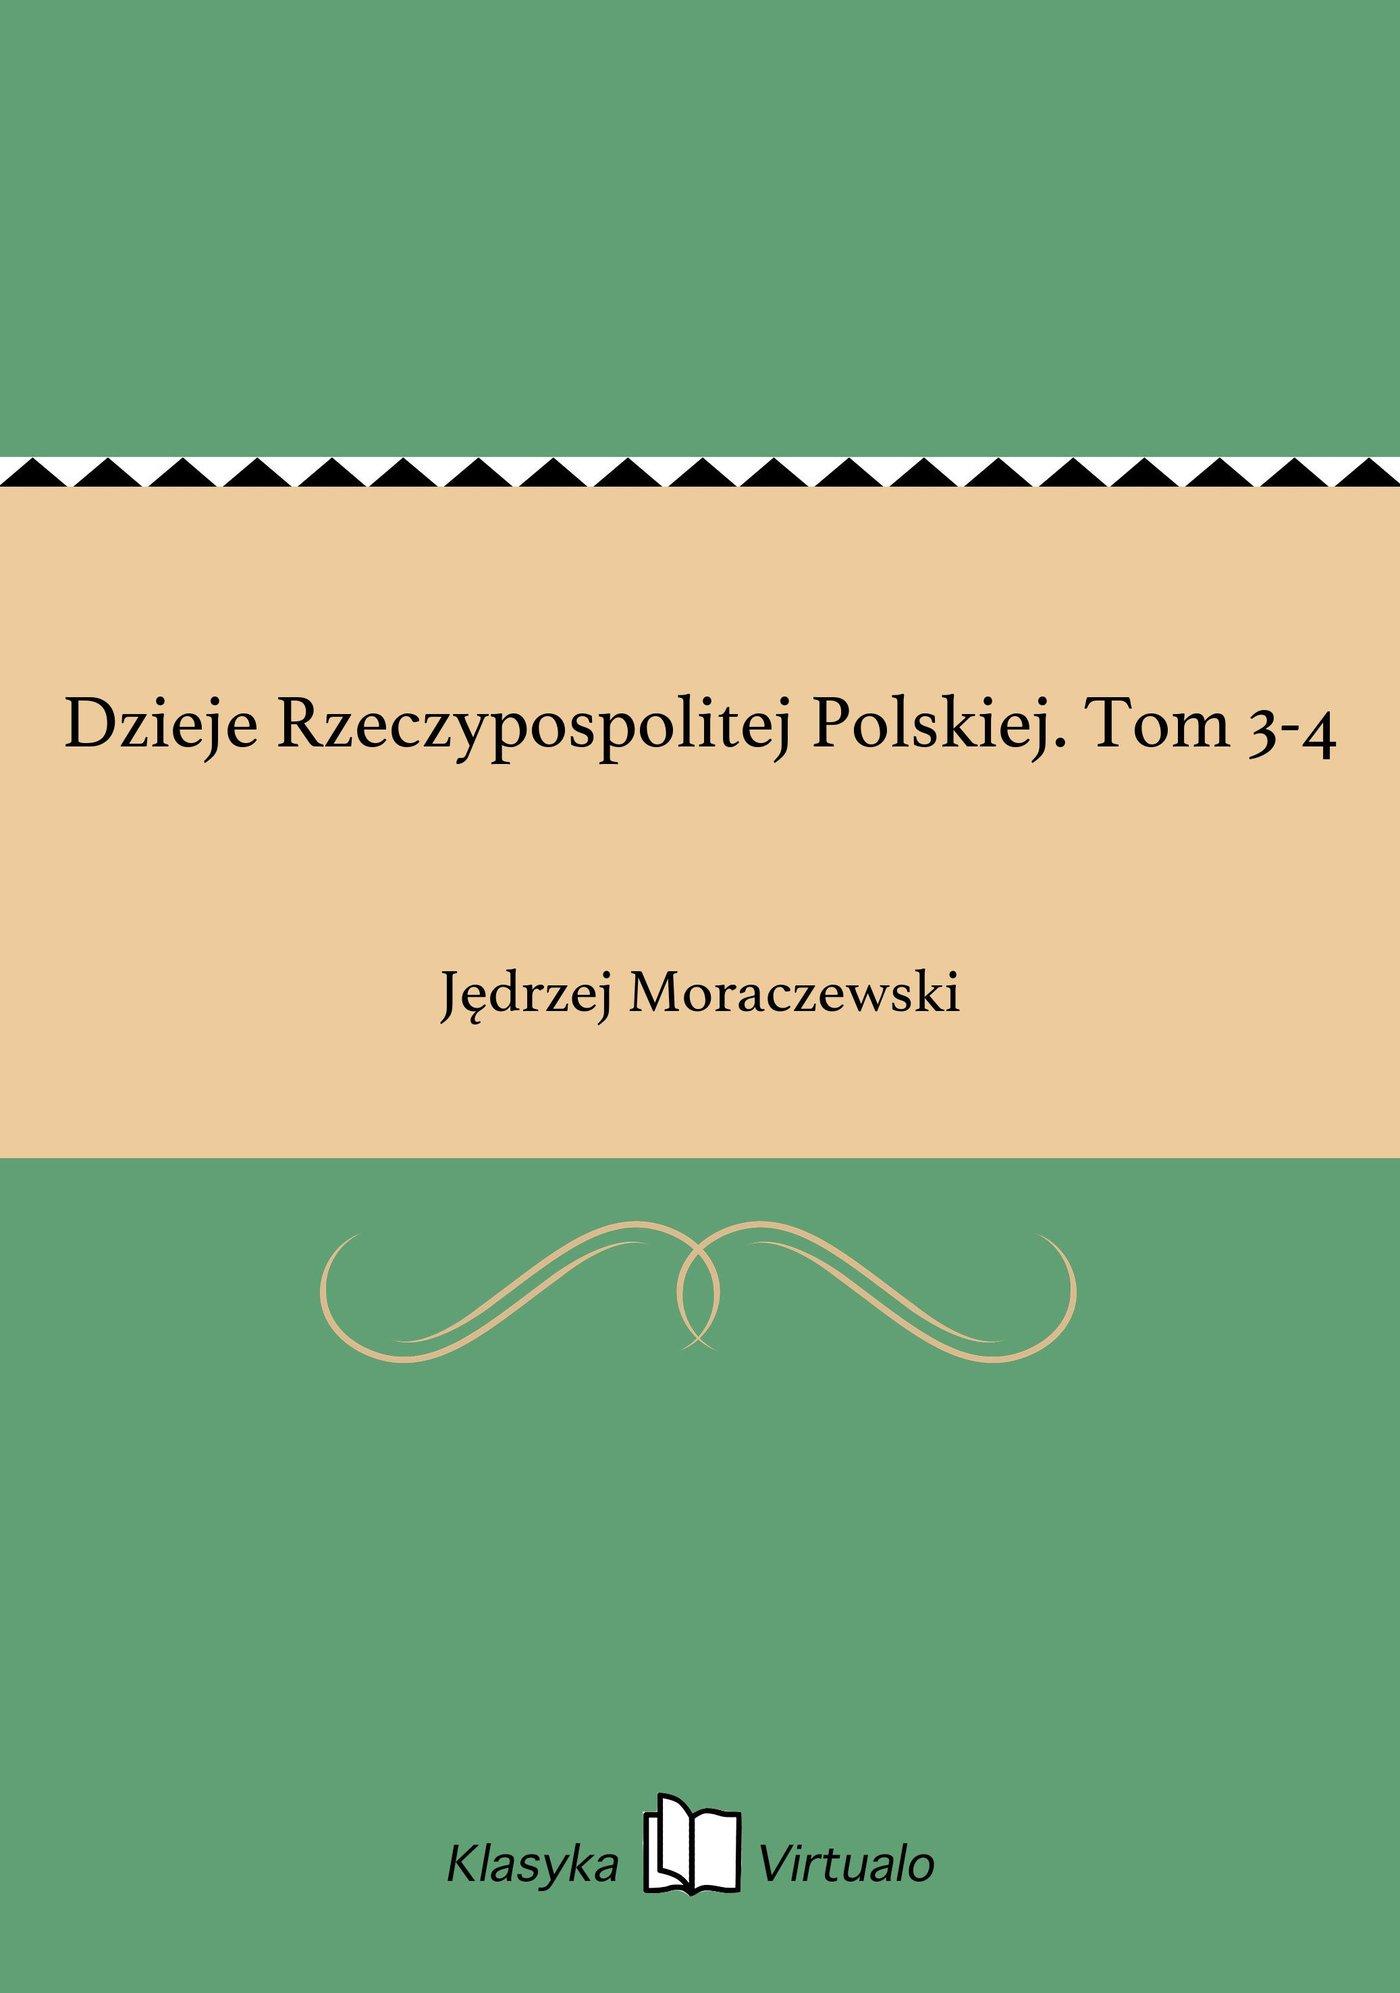 Dzieje Rzeczypospolitej Polskiej. Tom 3-4 - Ebook (Książka EPUB) do pobrania w formacie EPUB